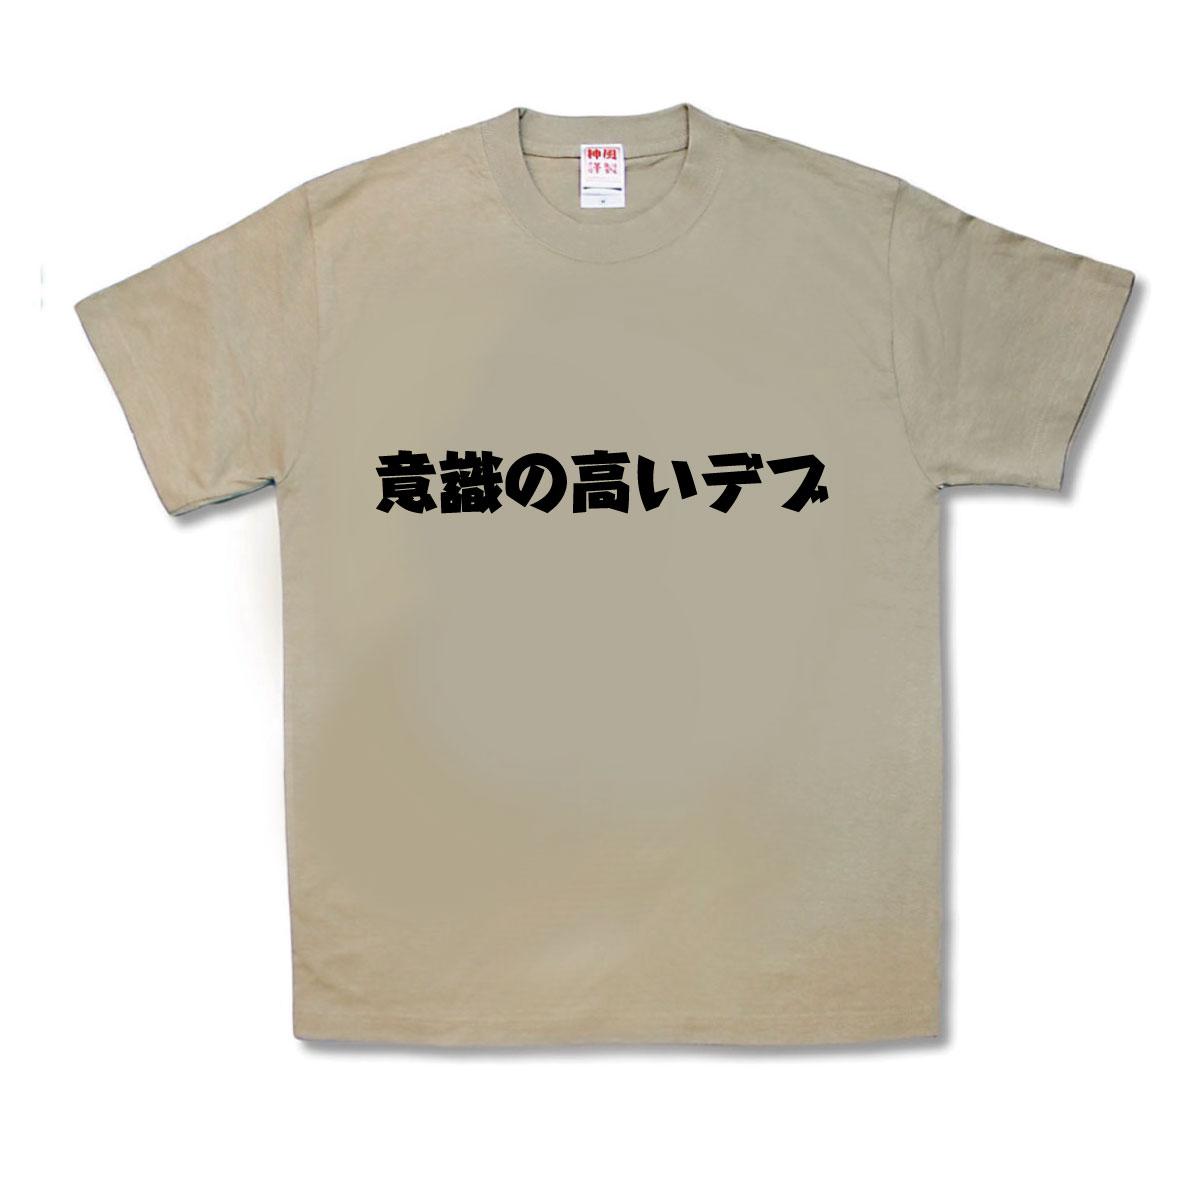 おもしろTシャツ 限定タイムセール サービス 意識の高いデブ